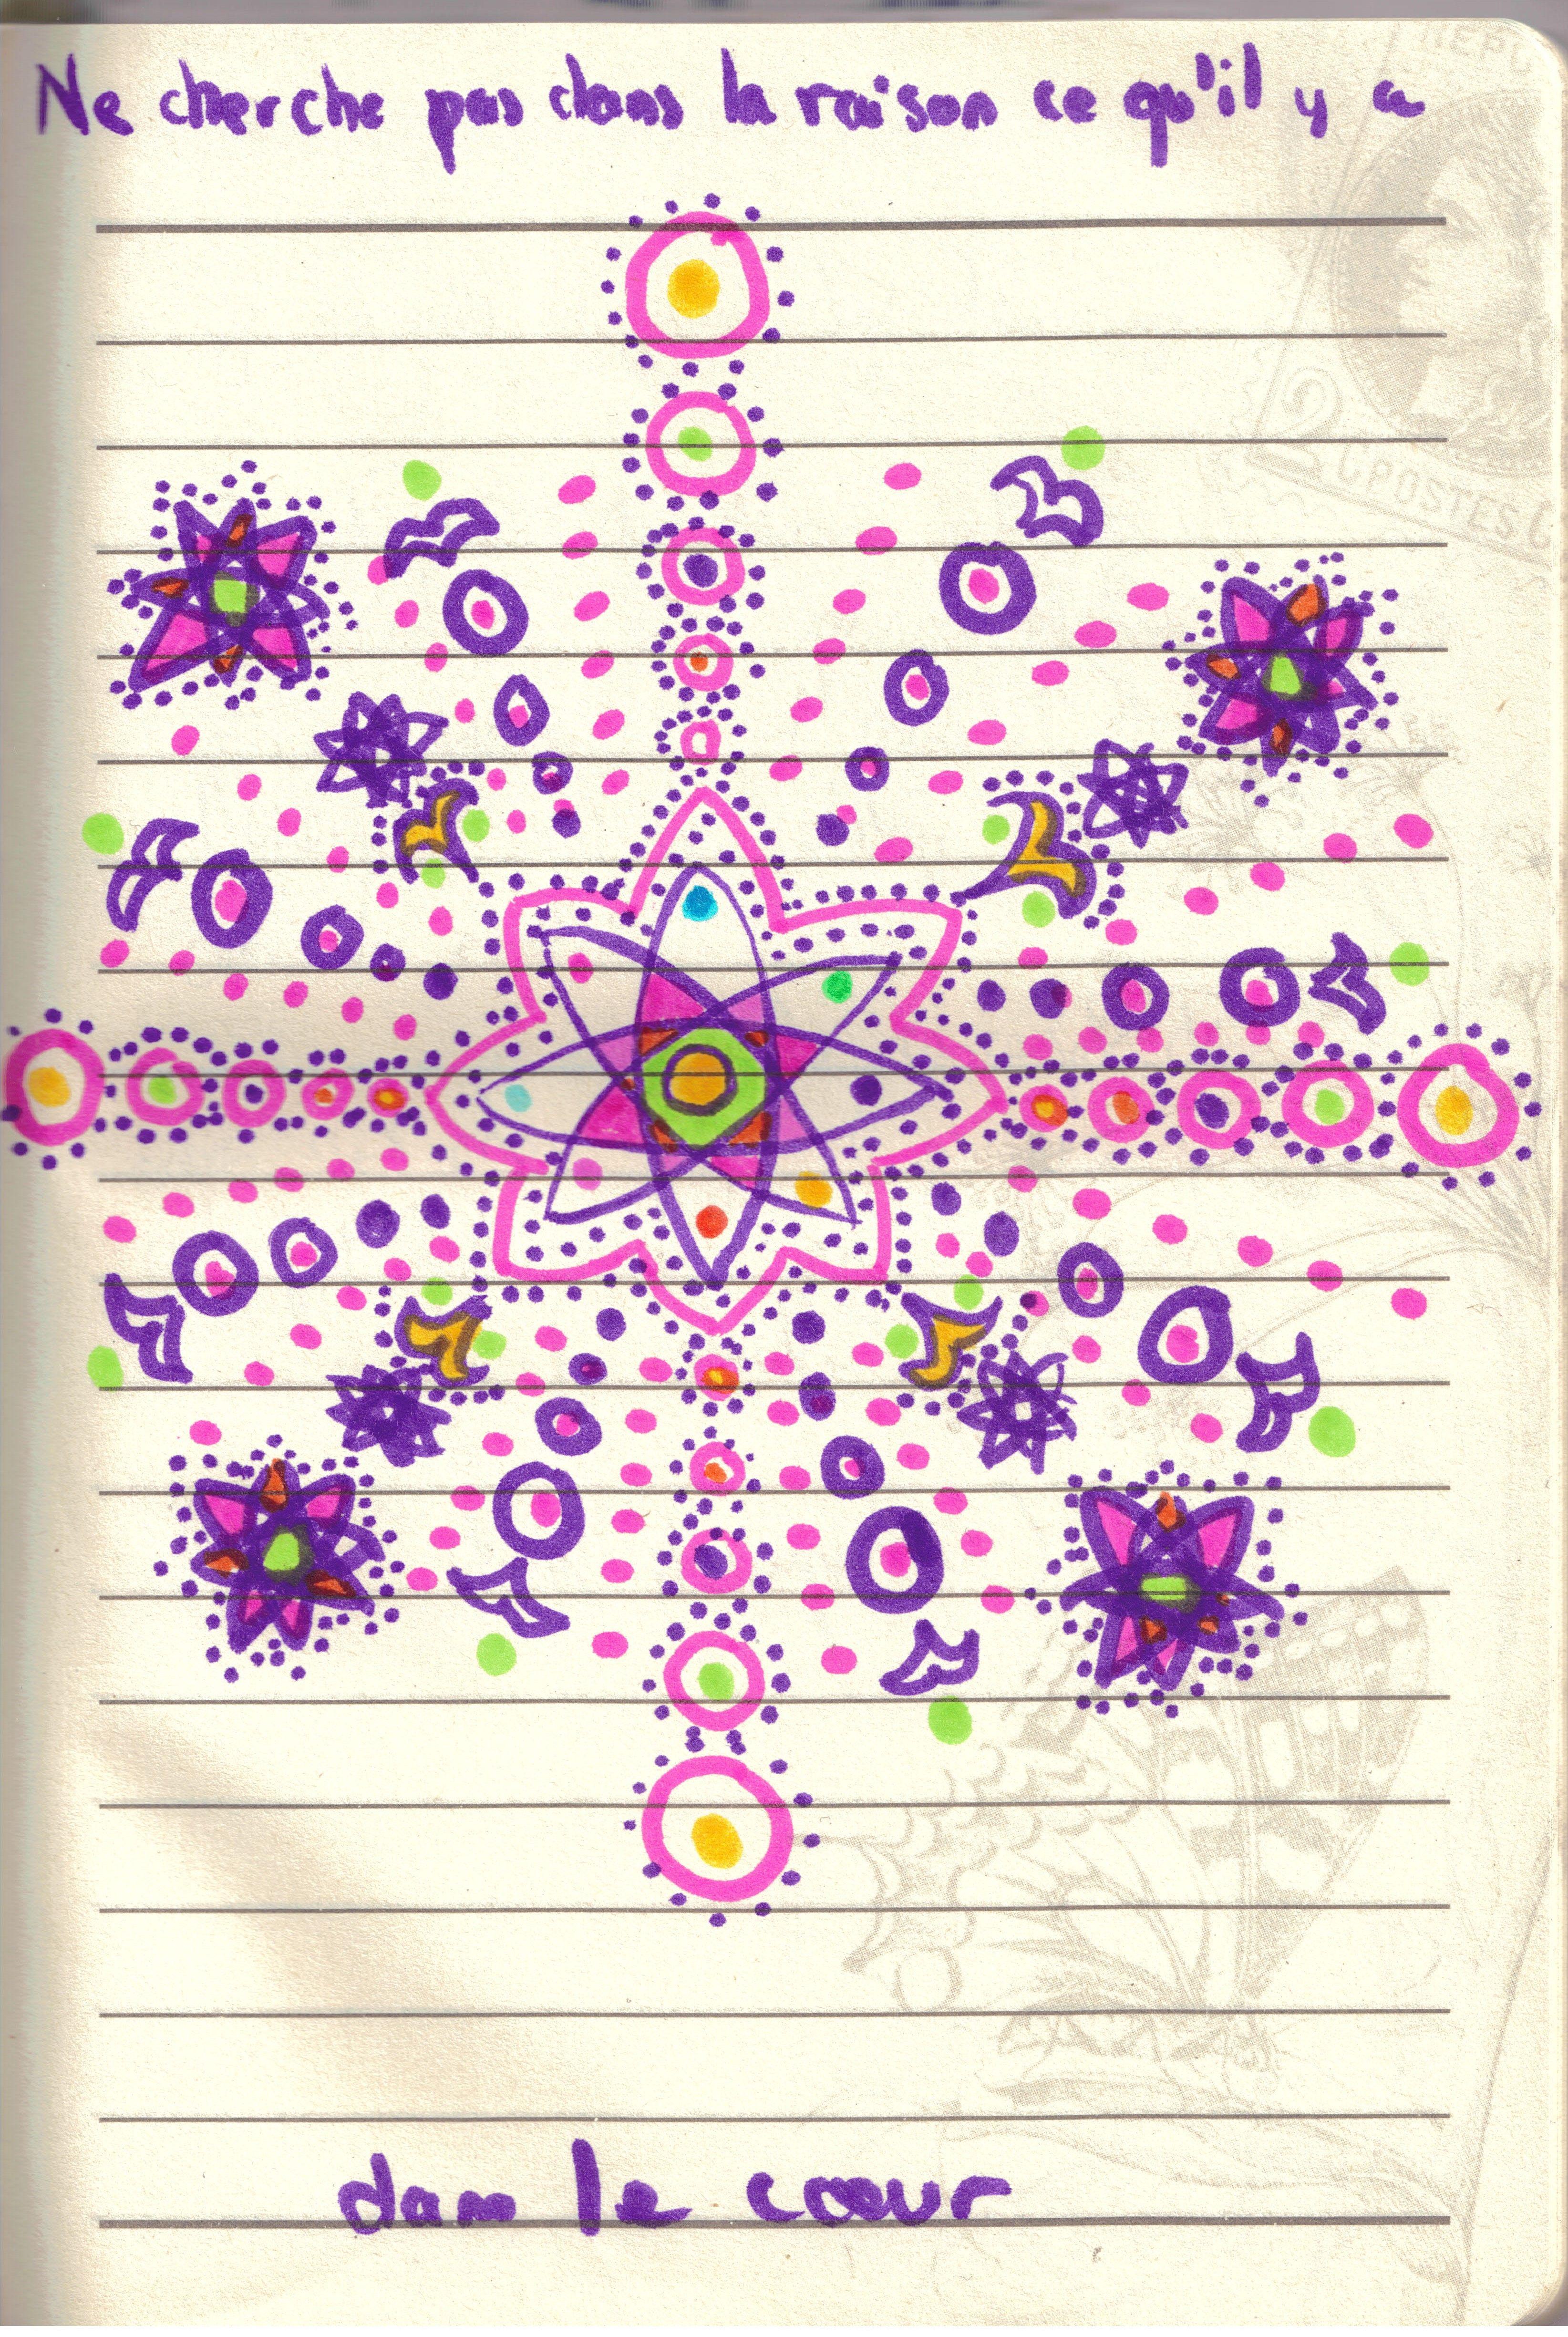 dessin intuitif par Claire Munier